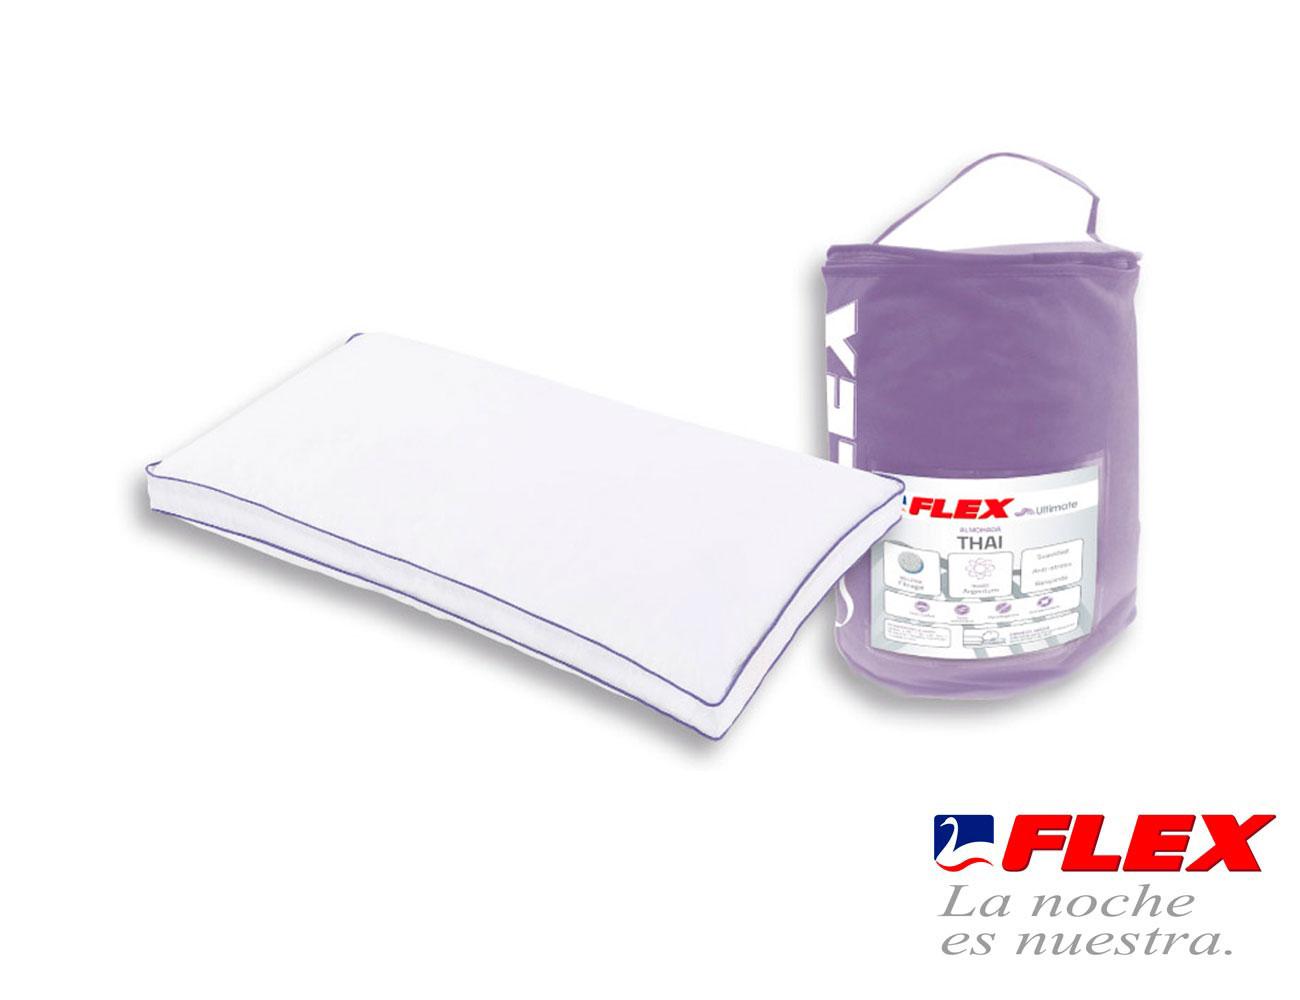 Almohada flex thai fibra gel5